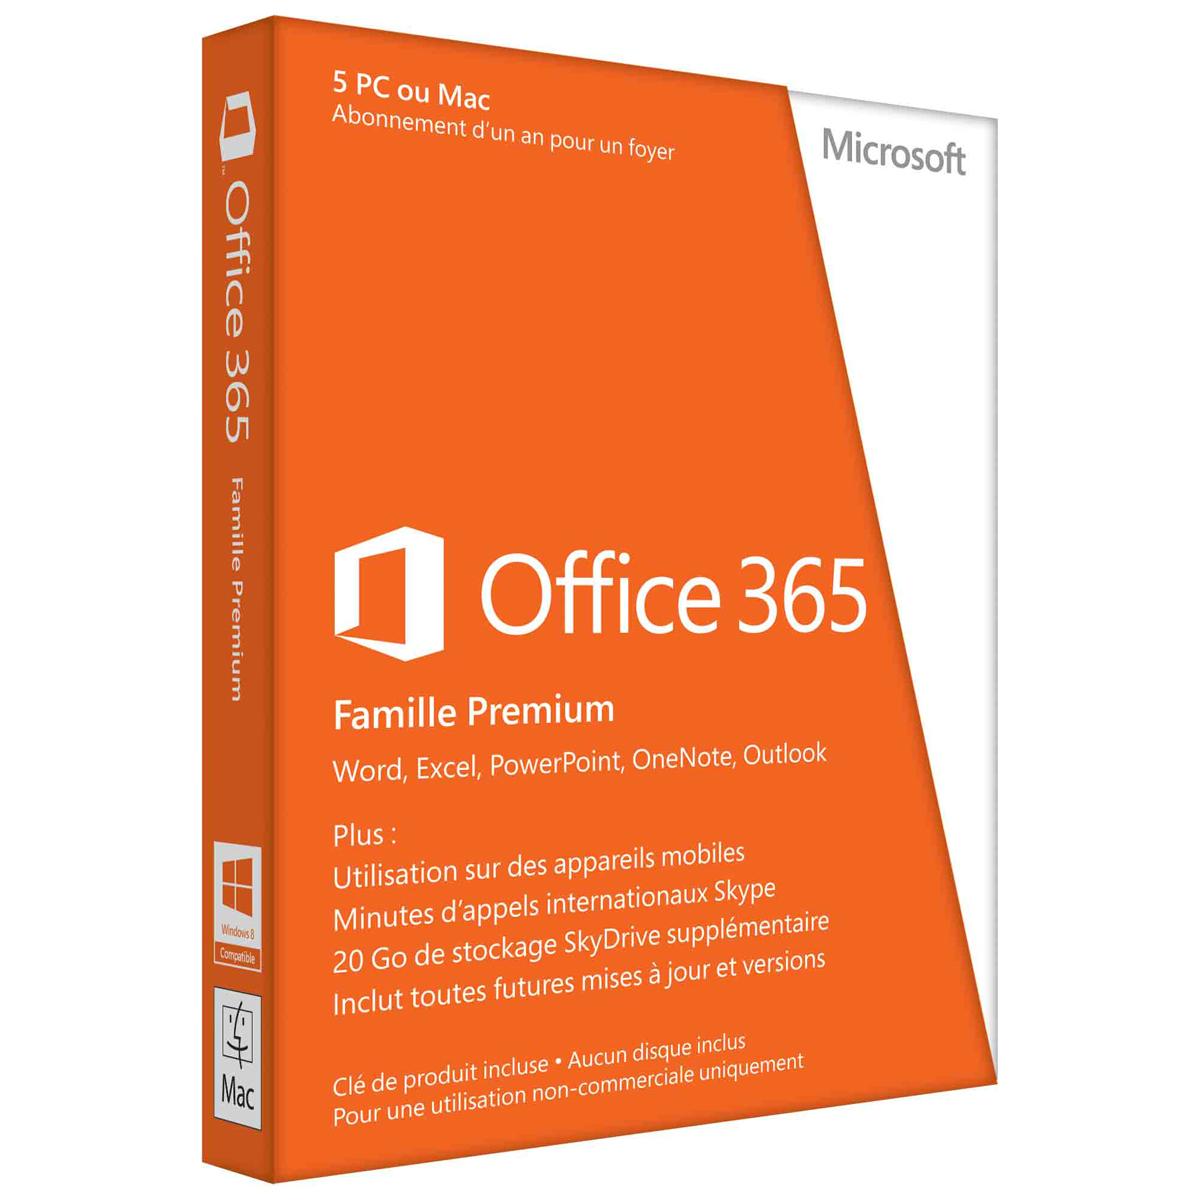 Microsoft office 365 famille premium logiciel suite bureautique microsoft sur ldlc - Cle activation office 365 famille premium ...